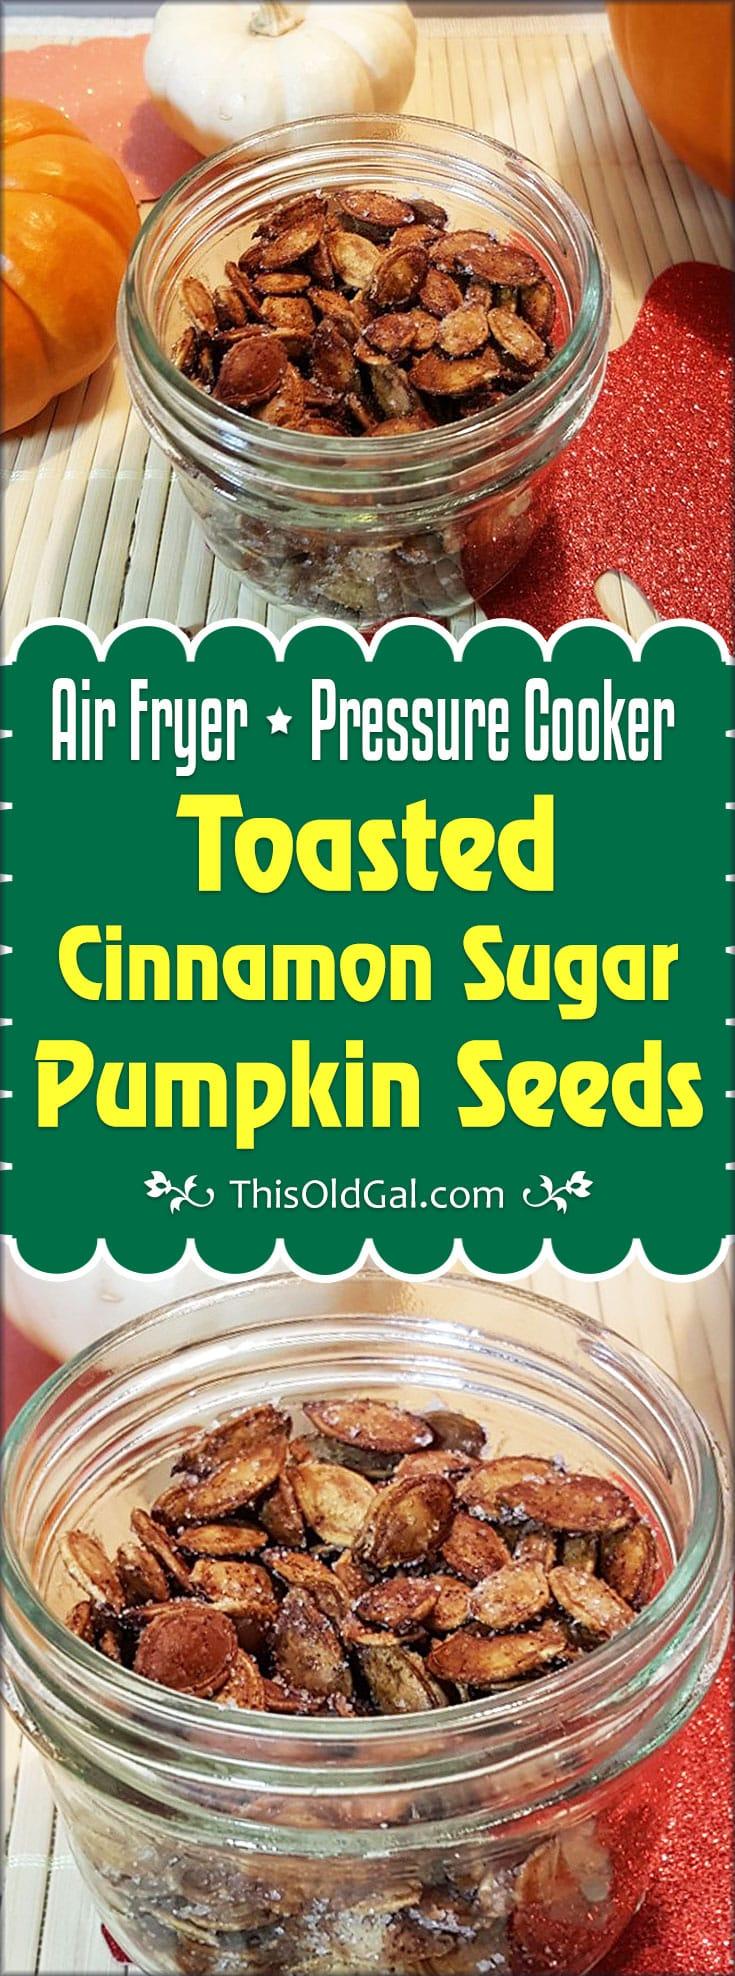 Toasted Cinnamon Sugar Pumpkin Seeds (Air Fryer, Pressure Cooker)